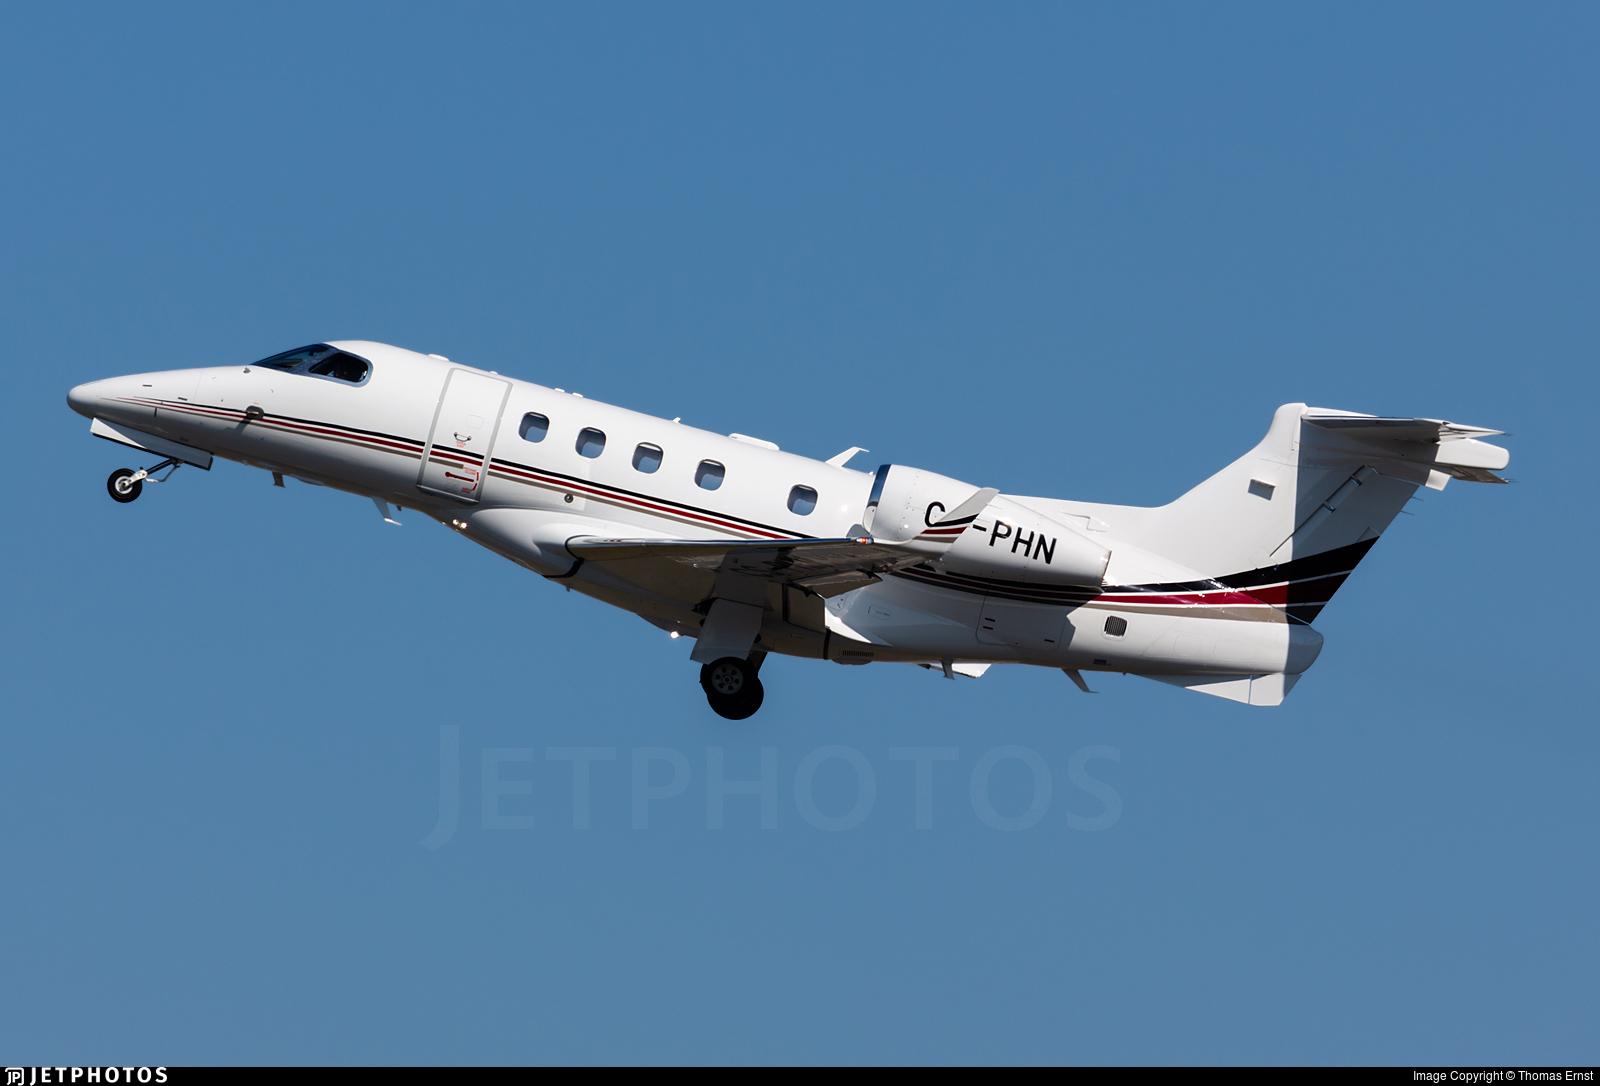 CS-PHN - Embraer 505 Phenom 300 - NetJets Europe